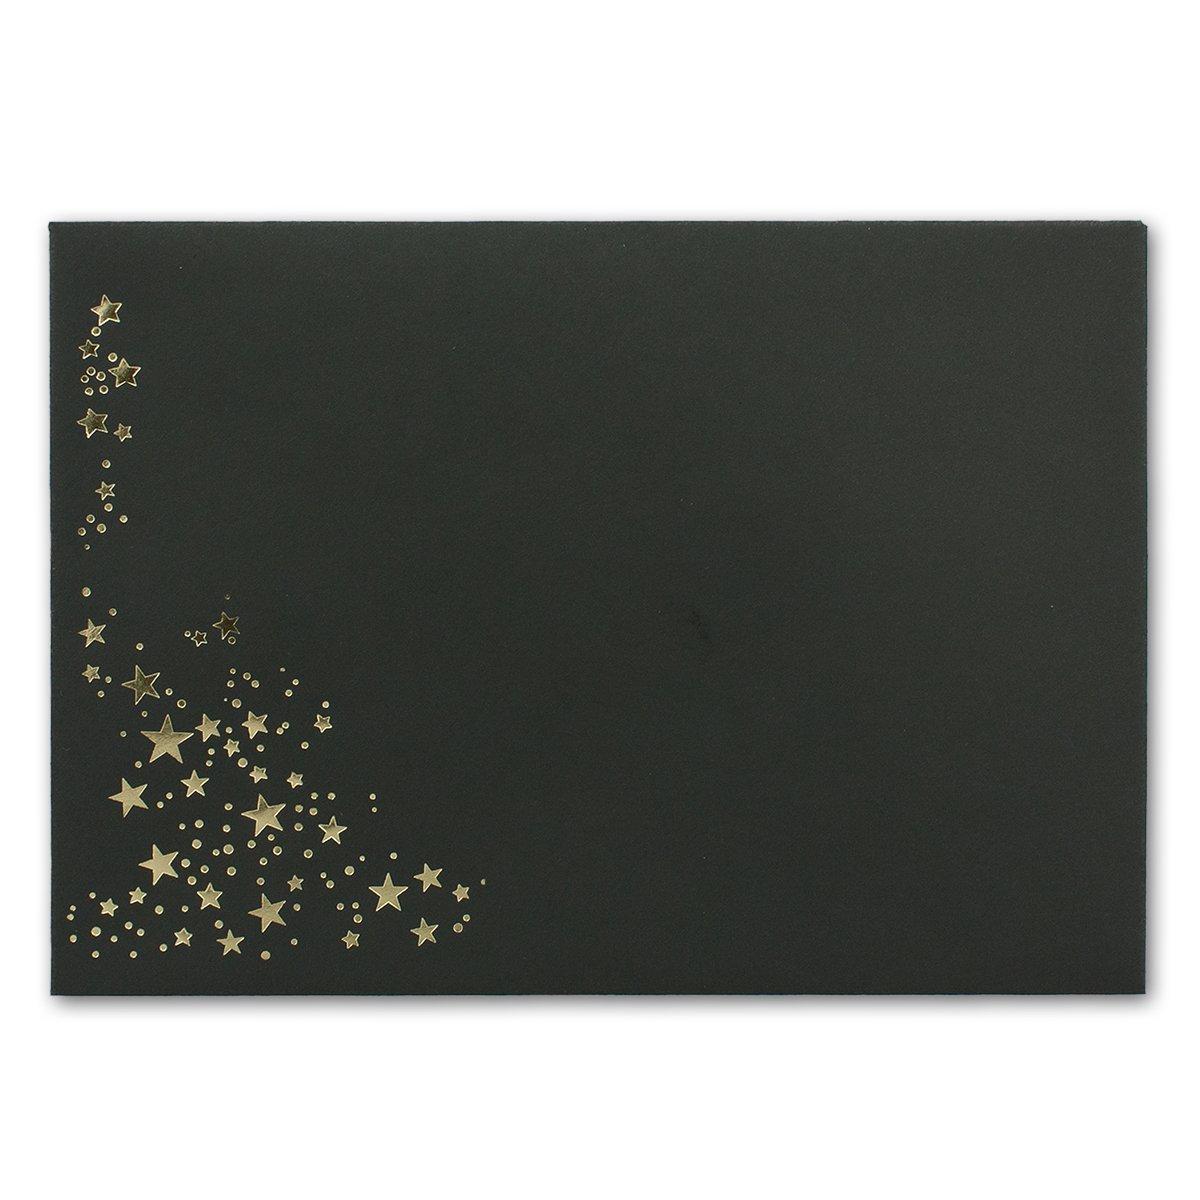 500x Weihnachts-Briefumschläge   DIN C5     mit Gold-Metallic geprägtem Sternenregen, festlich matter Umschlag in Sandbraun   Nassklebung, 120 g m²   157 x 225 mm   Marke  GUSTAV NEUSER® B07CHN6D6Z | Moderne Technologie  | Verpackungsvie dc73ad